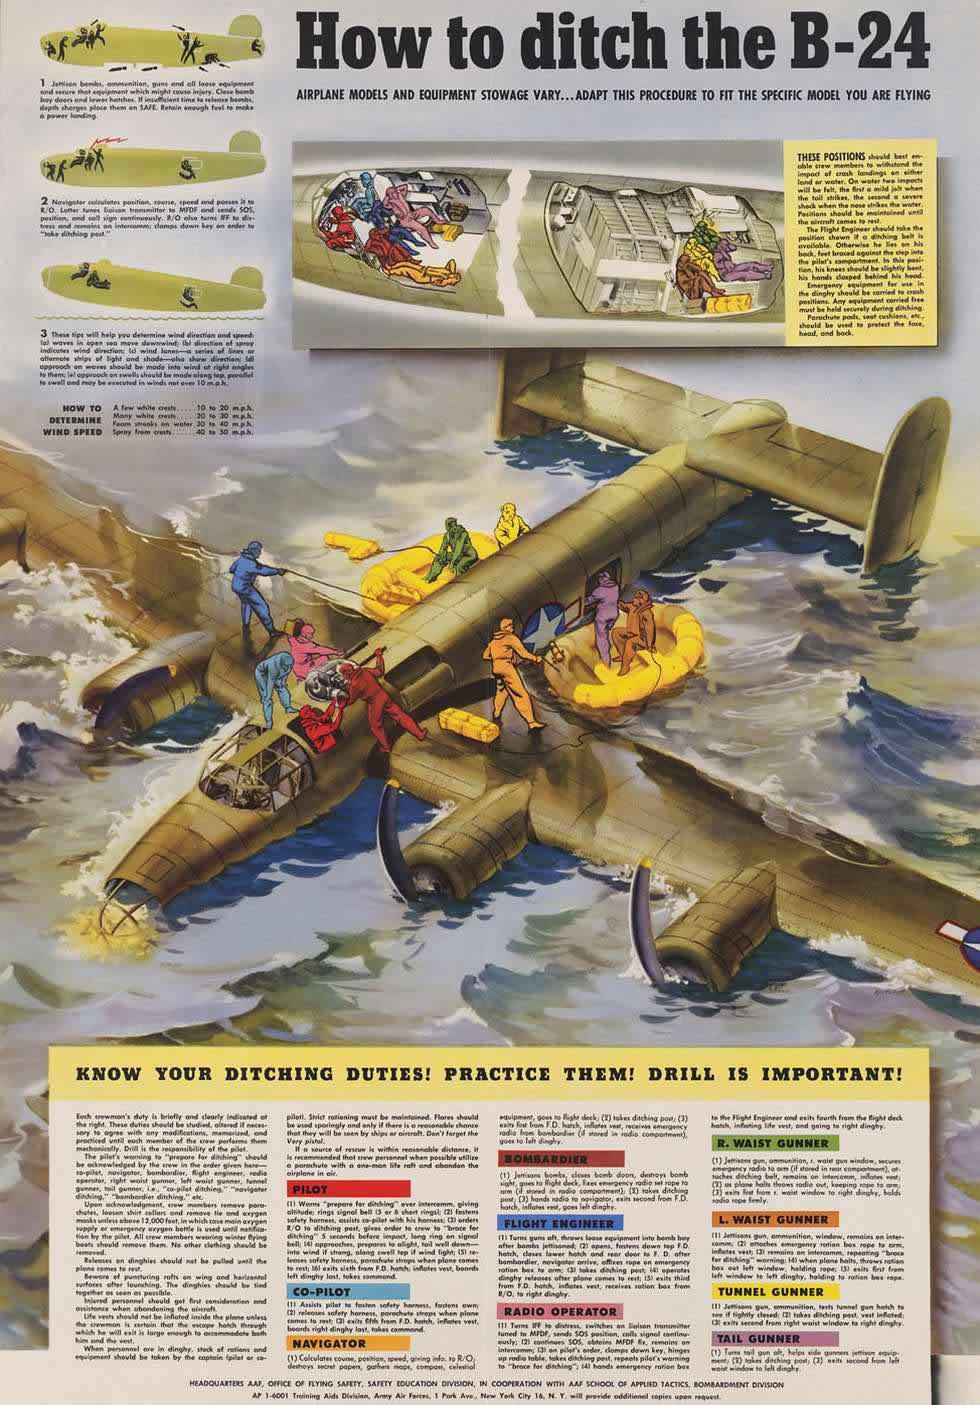 Схема покидания экипажем самолета Consolidated B-24 Liberator в случае вынужденного приводнения на поверхность моря